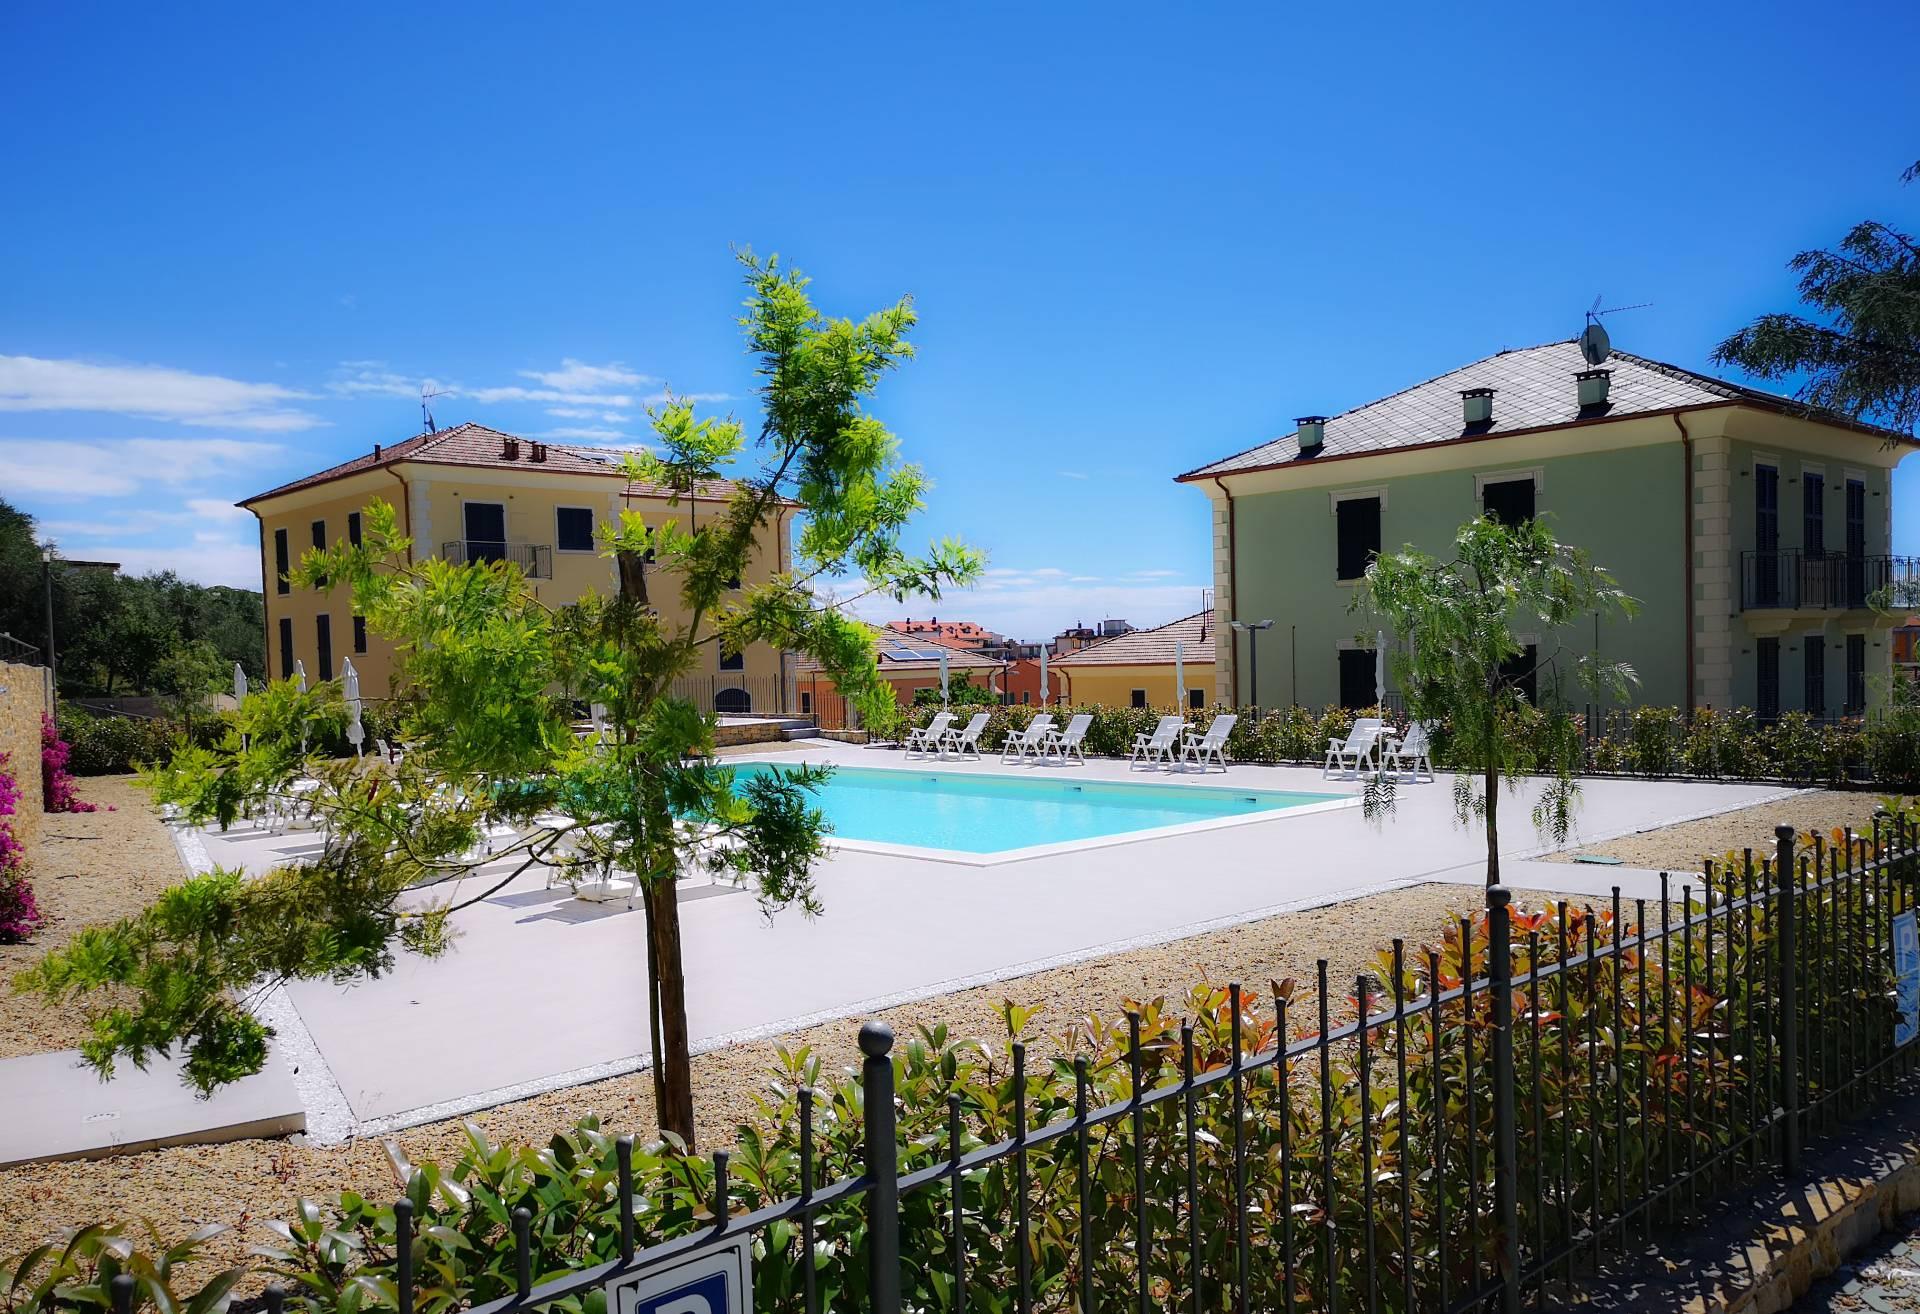 Appartamento in vendita a San Bartolomeo al Mare, 3 locali, prezzo € 300.000 | CambioCasa.it